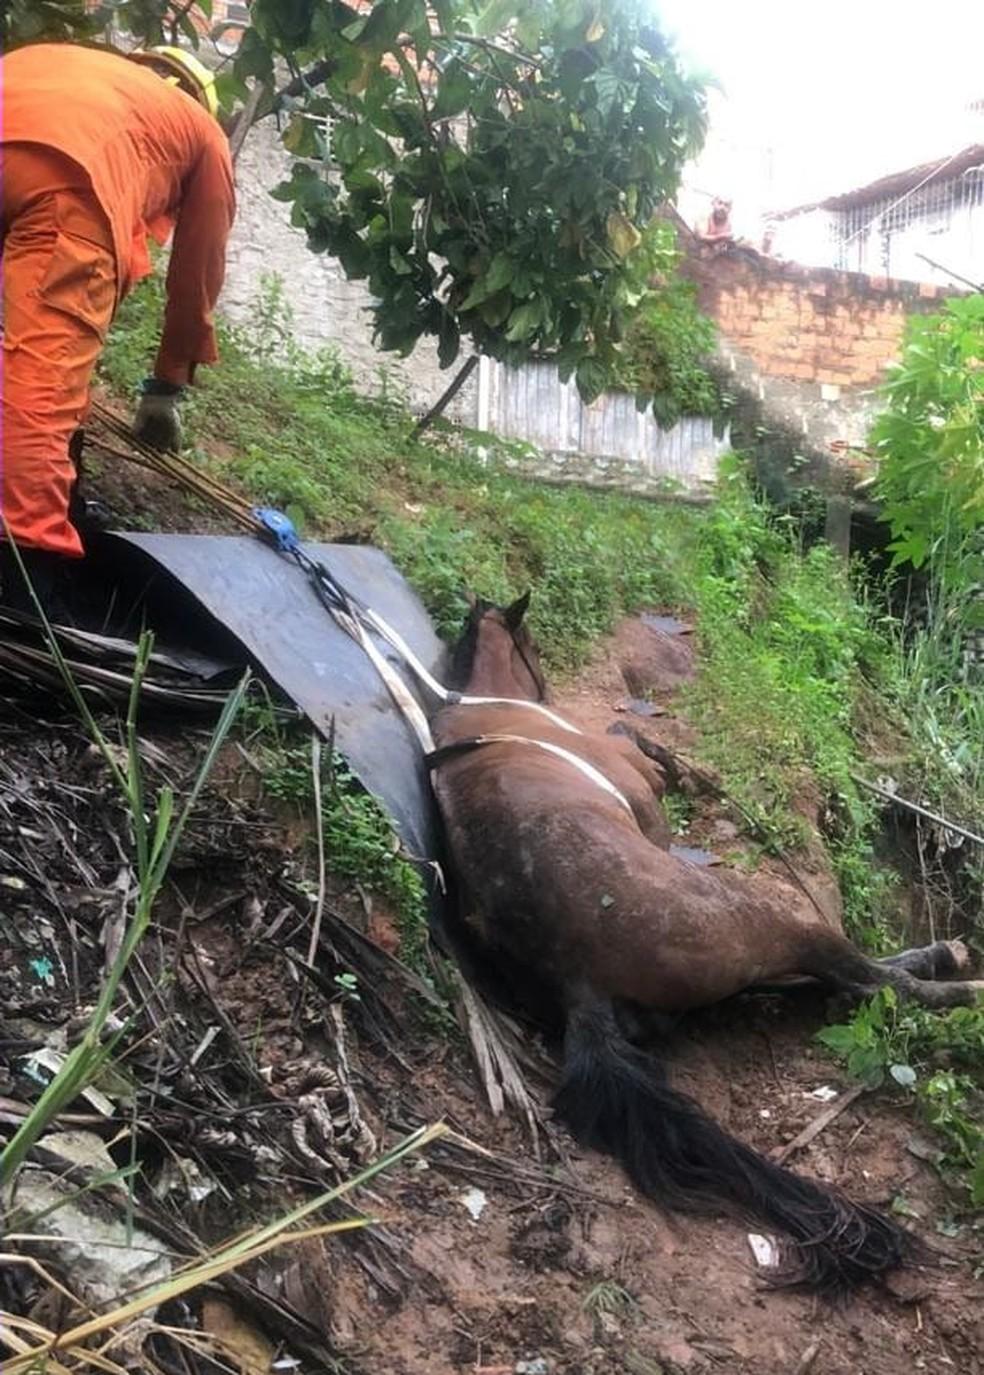 Bombeiros resgatam cavalo que caiu dentro de vala em Maceió